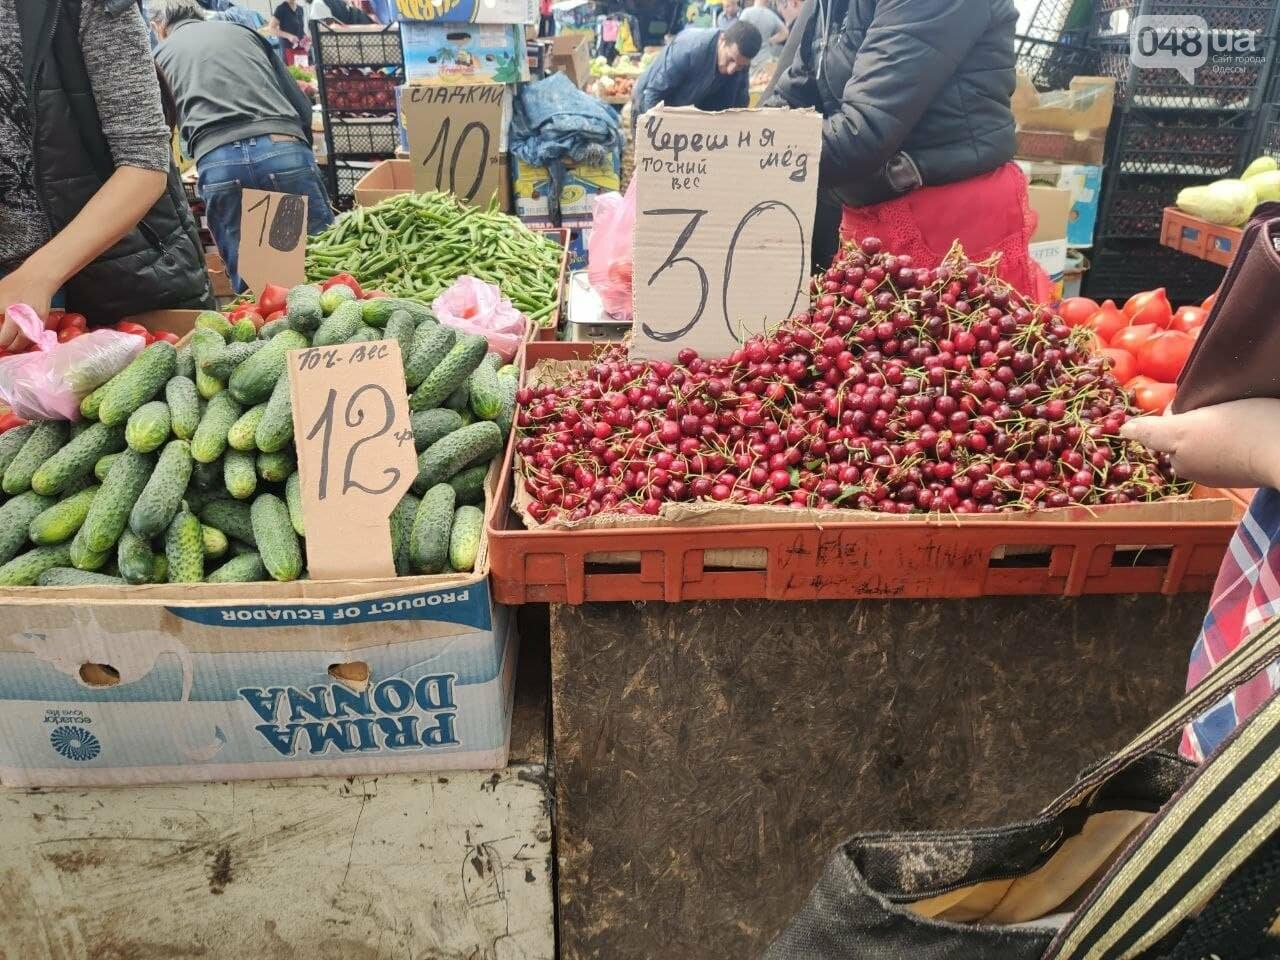 Абрикосы, черешня, кабачки: почем на одесском Привозе фрукты и овощи, - ФОТО, фото-4